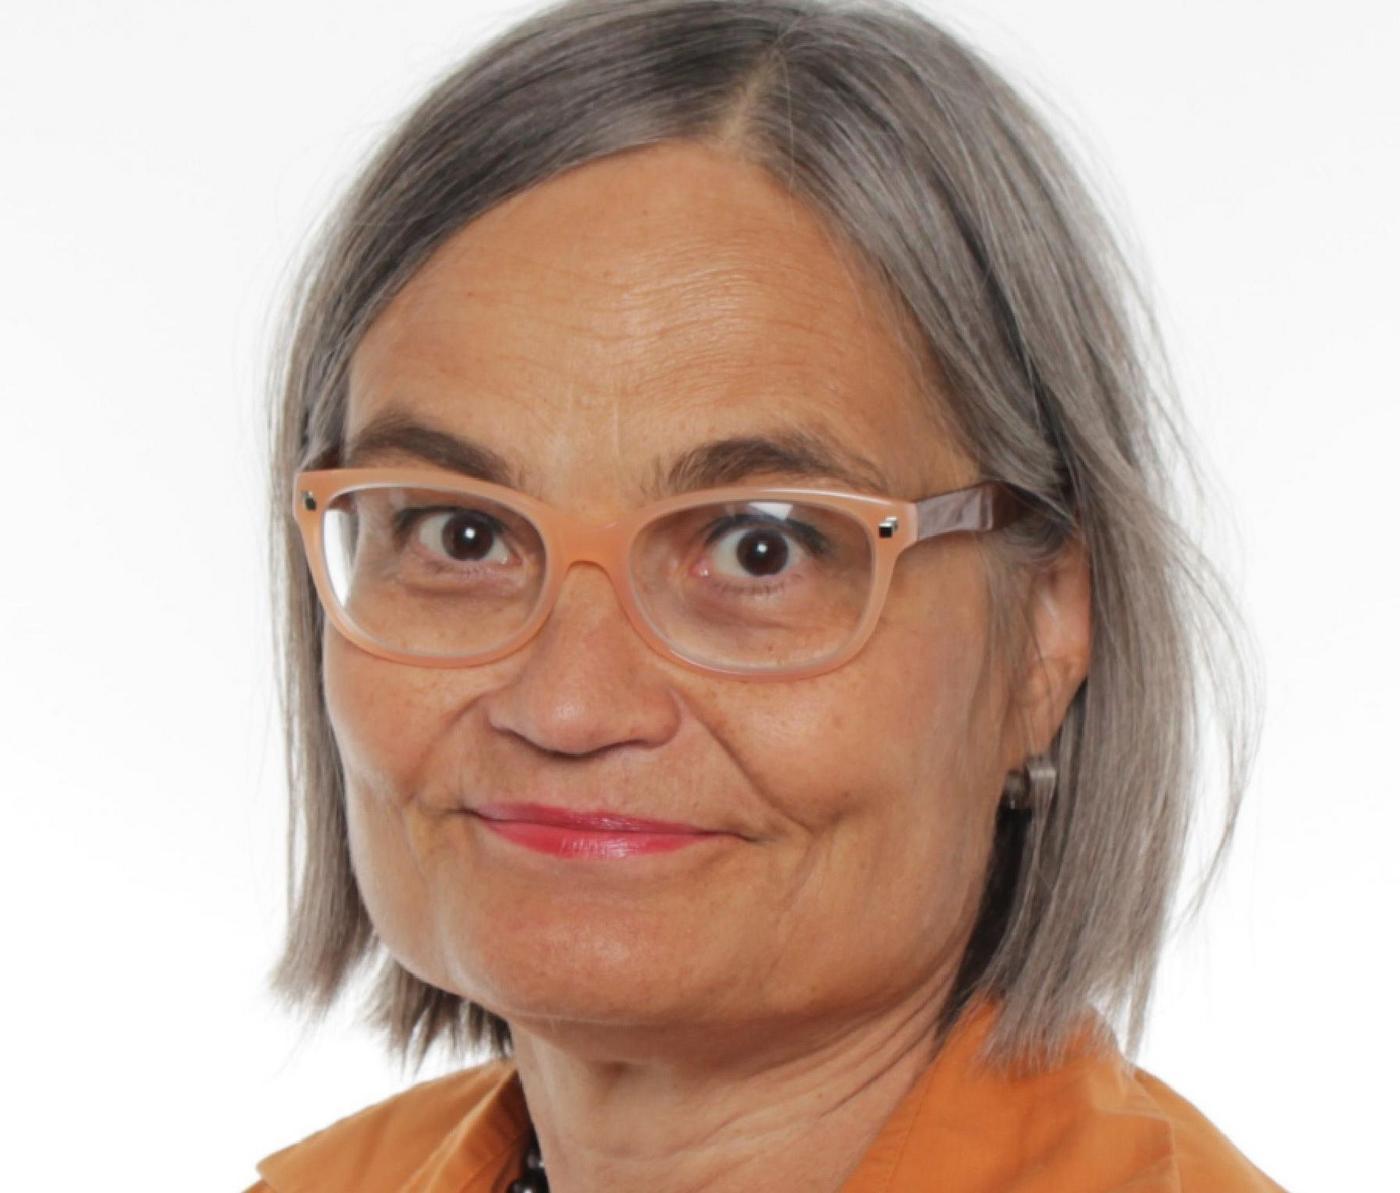 Kvinna med glasögon.